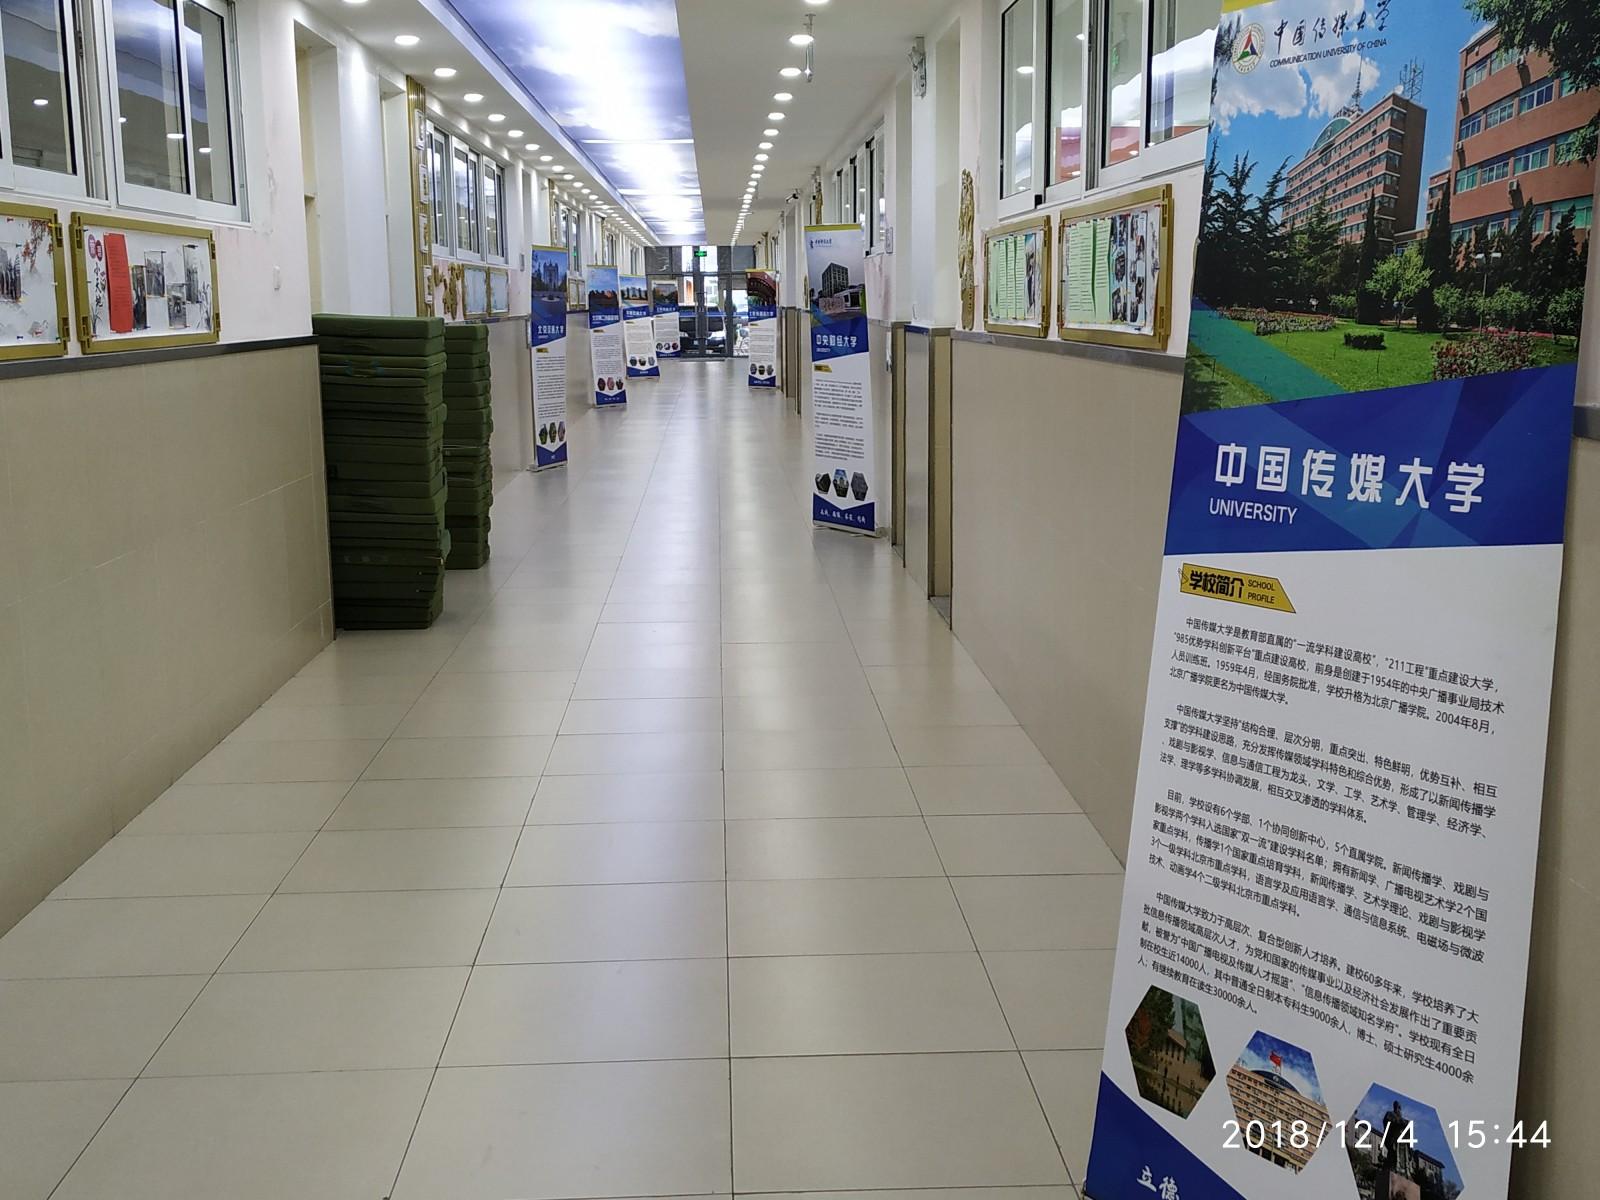 楼道内七所大学的宣传海报.jpg